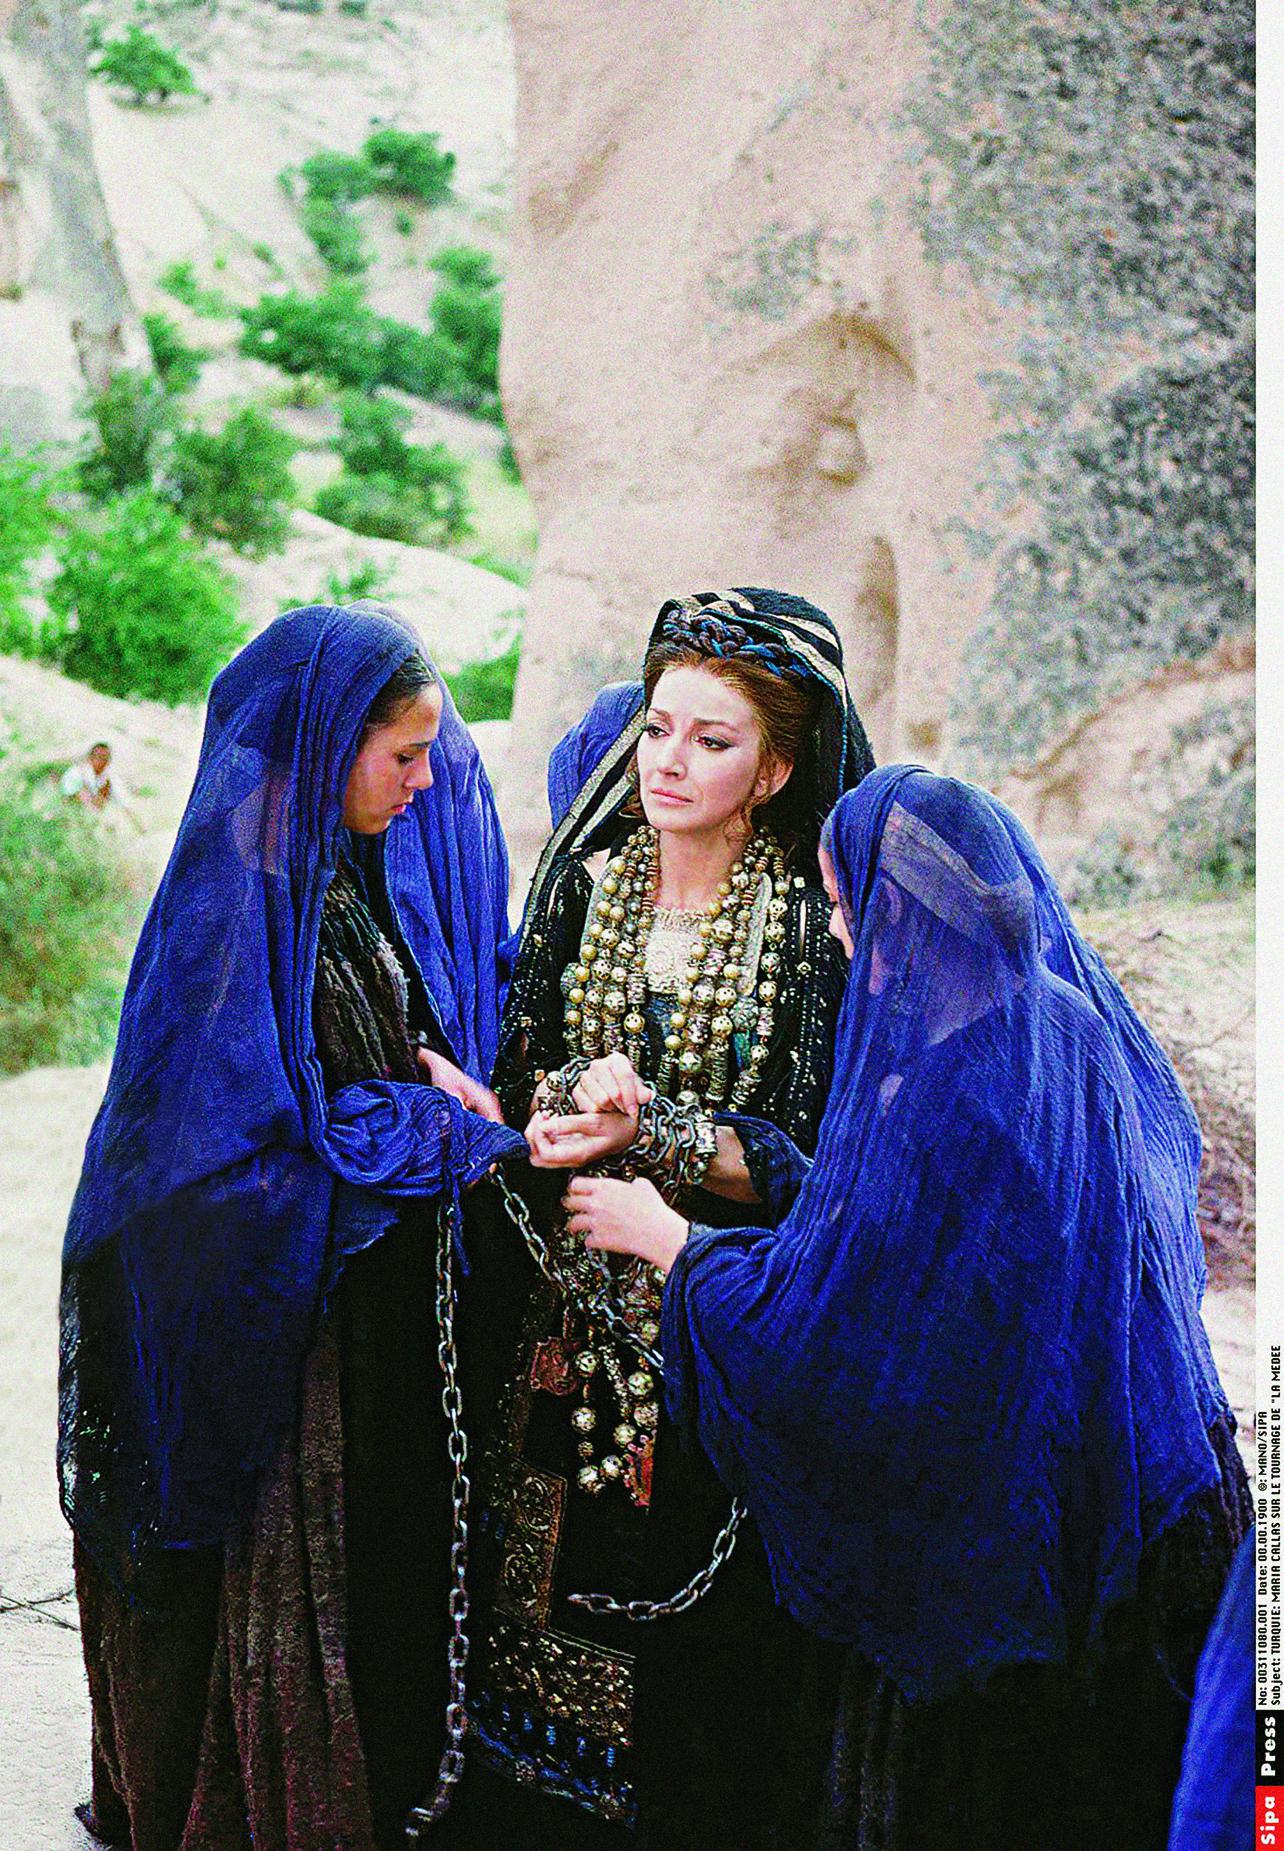 Στην Τουρκία για τα γυρίσματα της ταινίας του Παζολίνι «Μήδεια», 1969